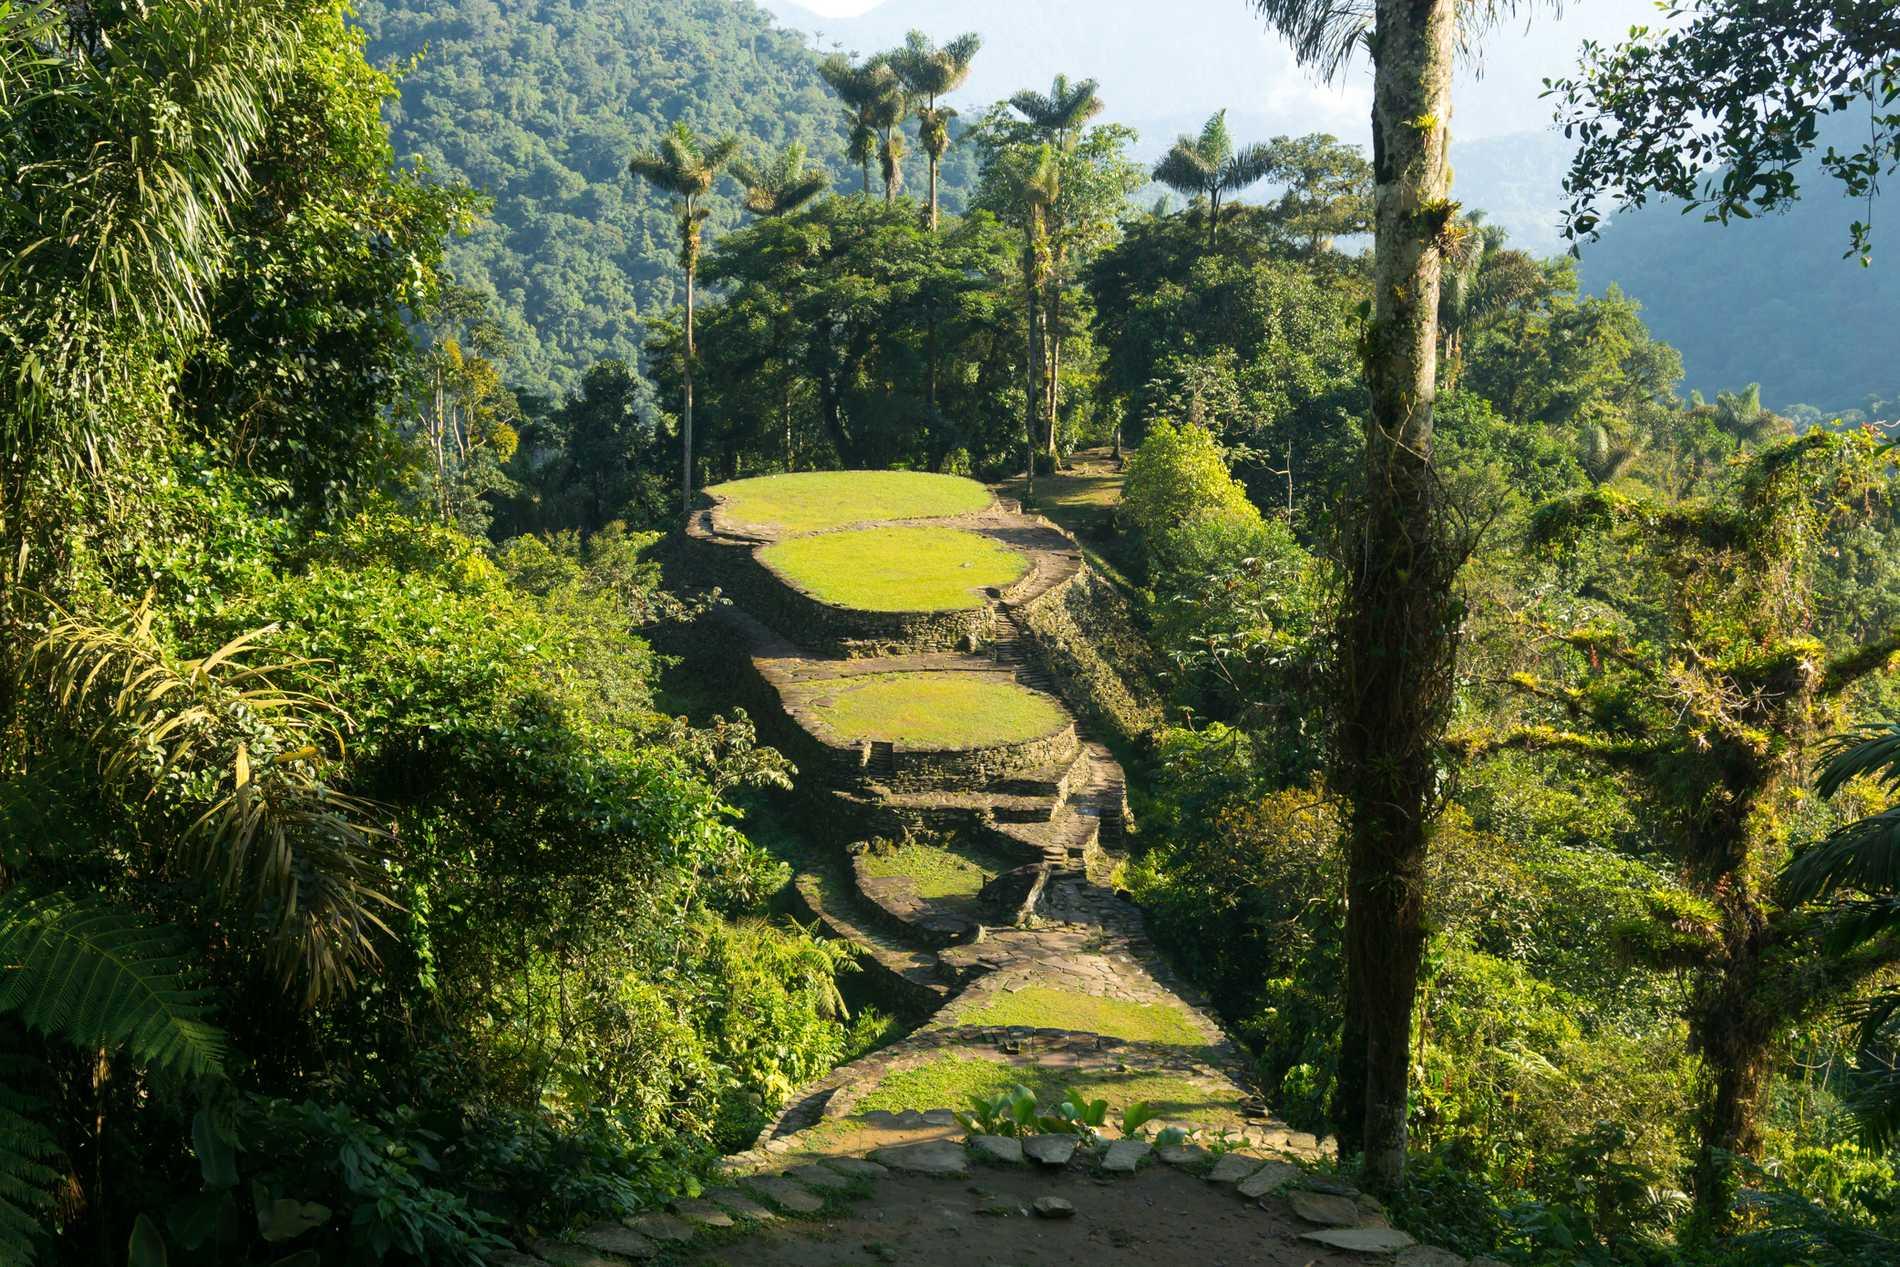 Ciudad Perdida består av flera torg, platåer och vägar i djungeln.